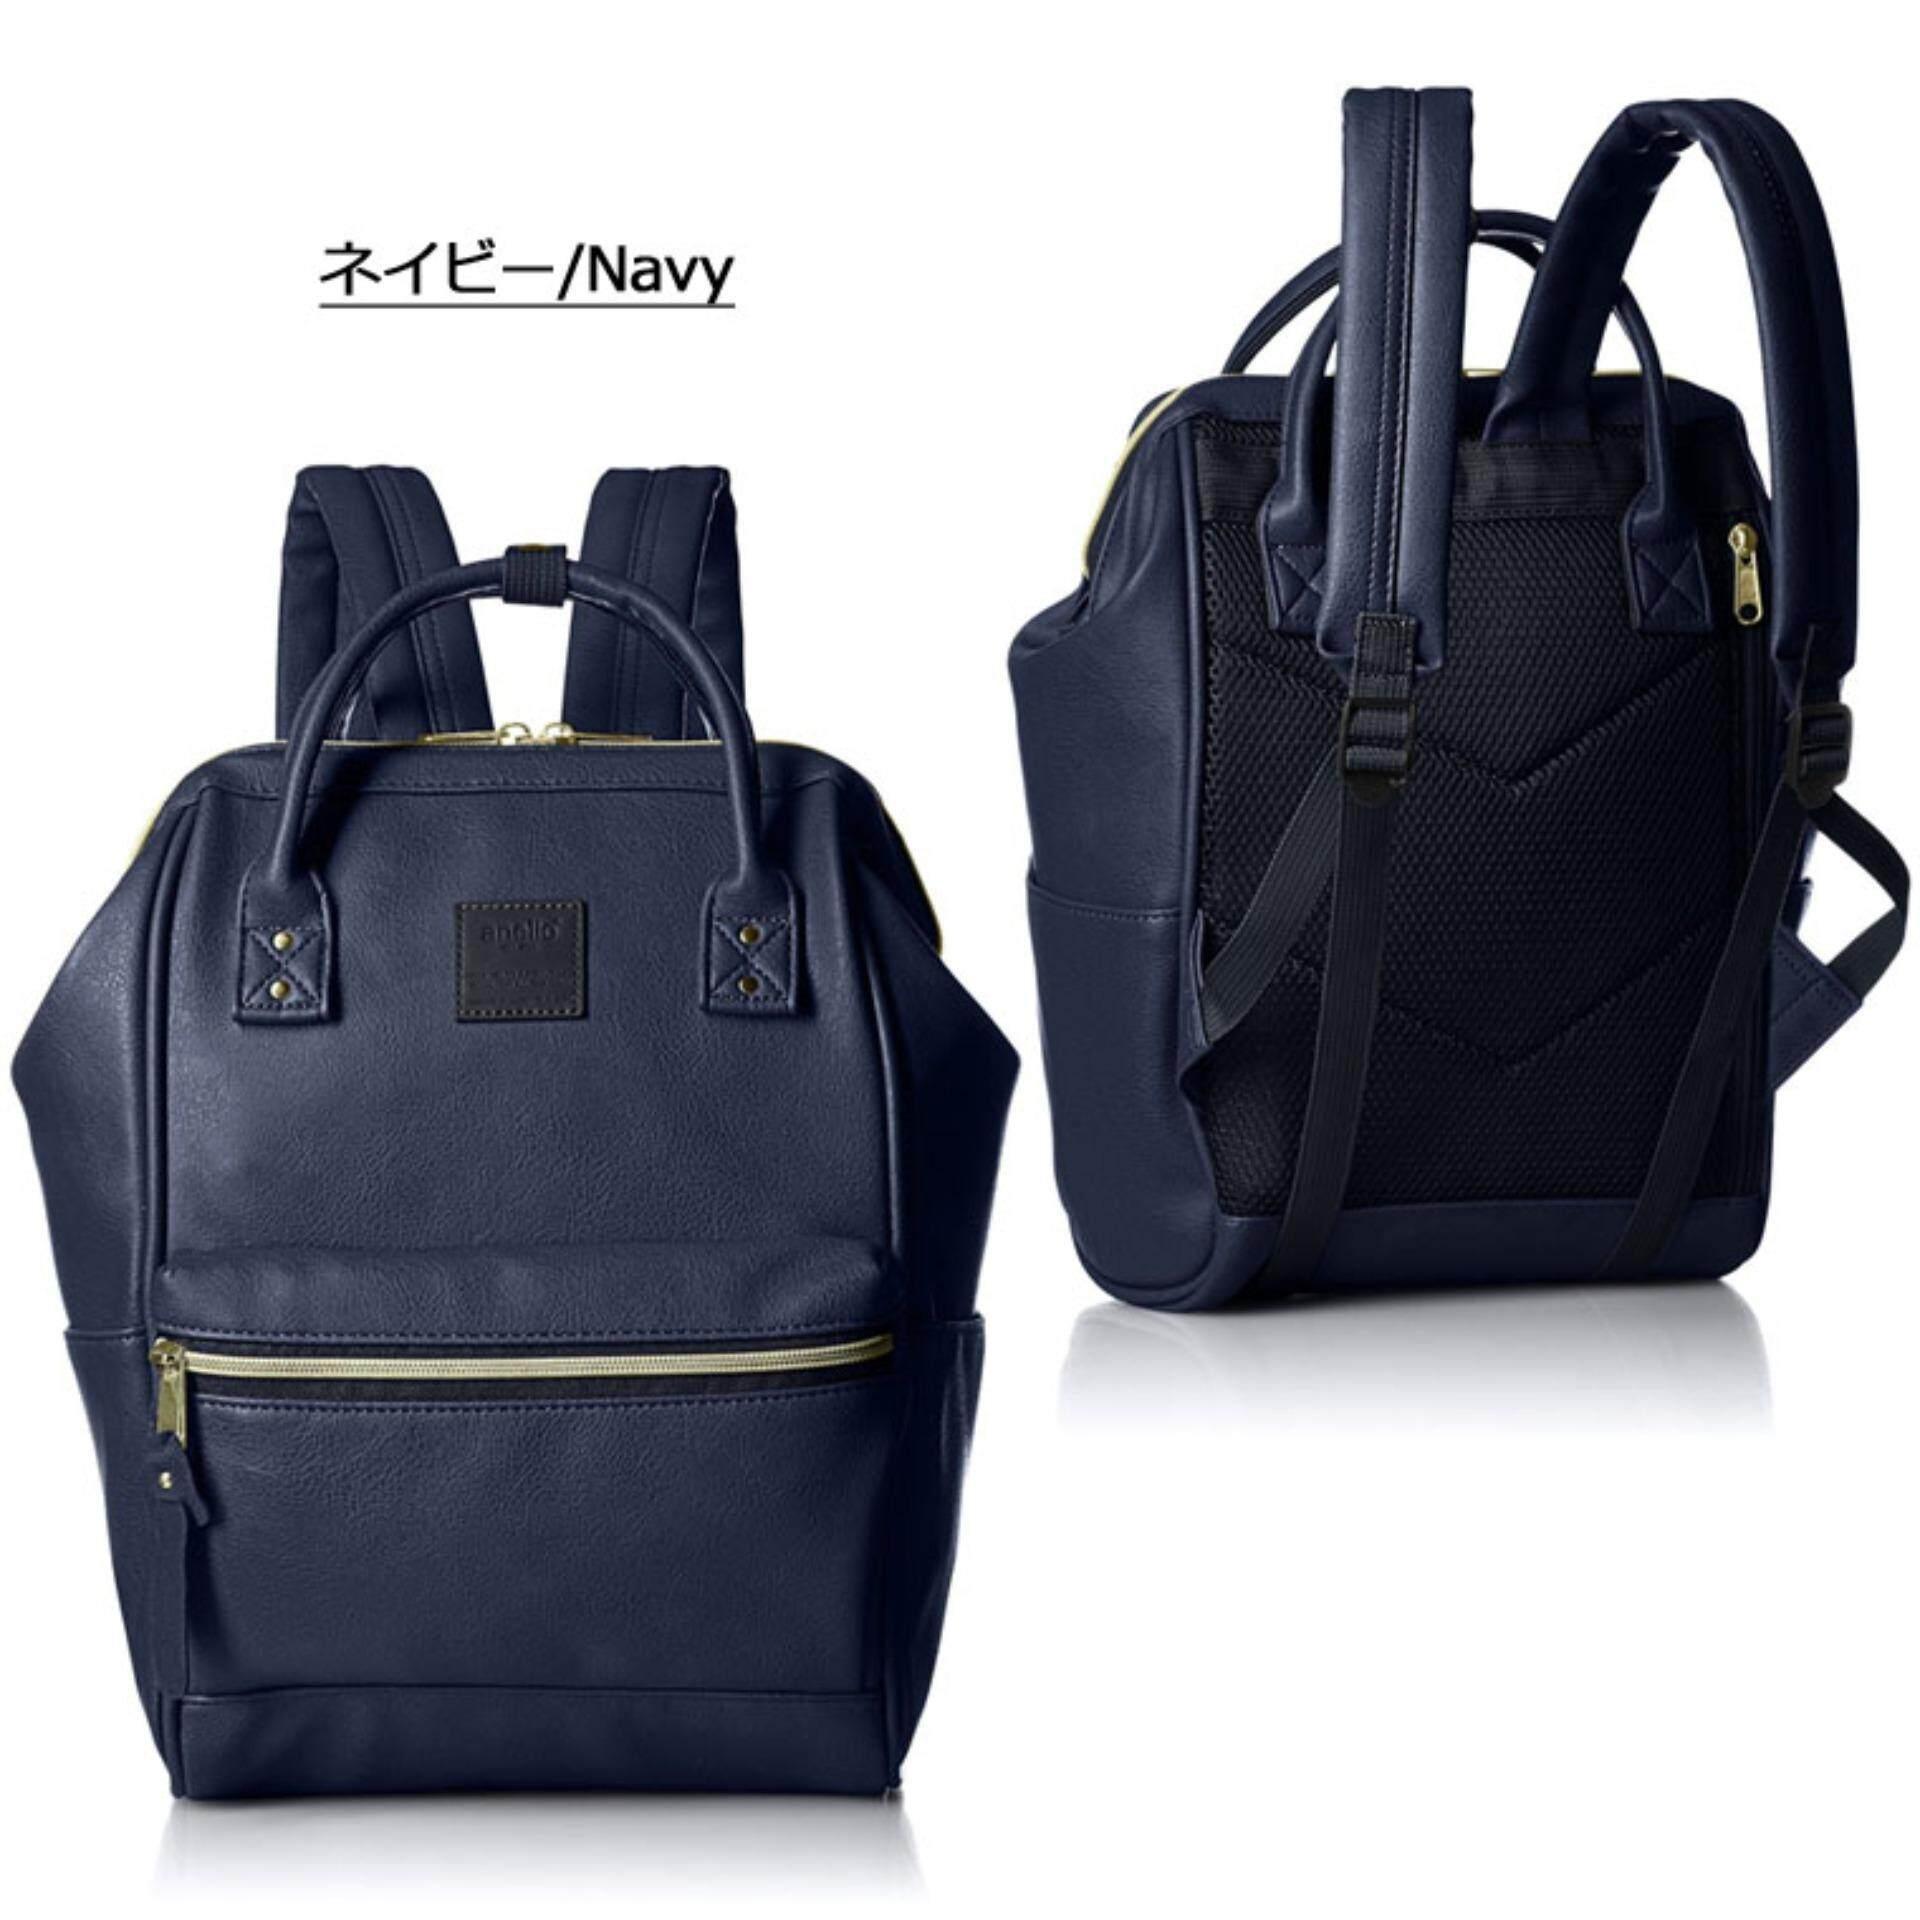 สินเชื่อบุคคลซิตี้  ปราจีนบุรี กระเป๋า Anello PU Backpack (Classic Size) Navy - Japan Imported 100%